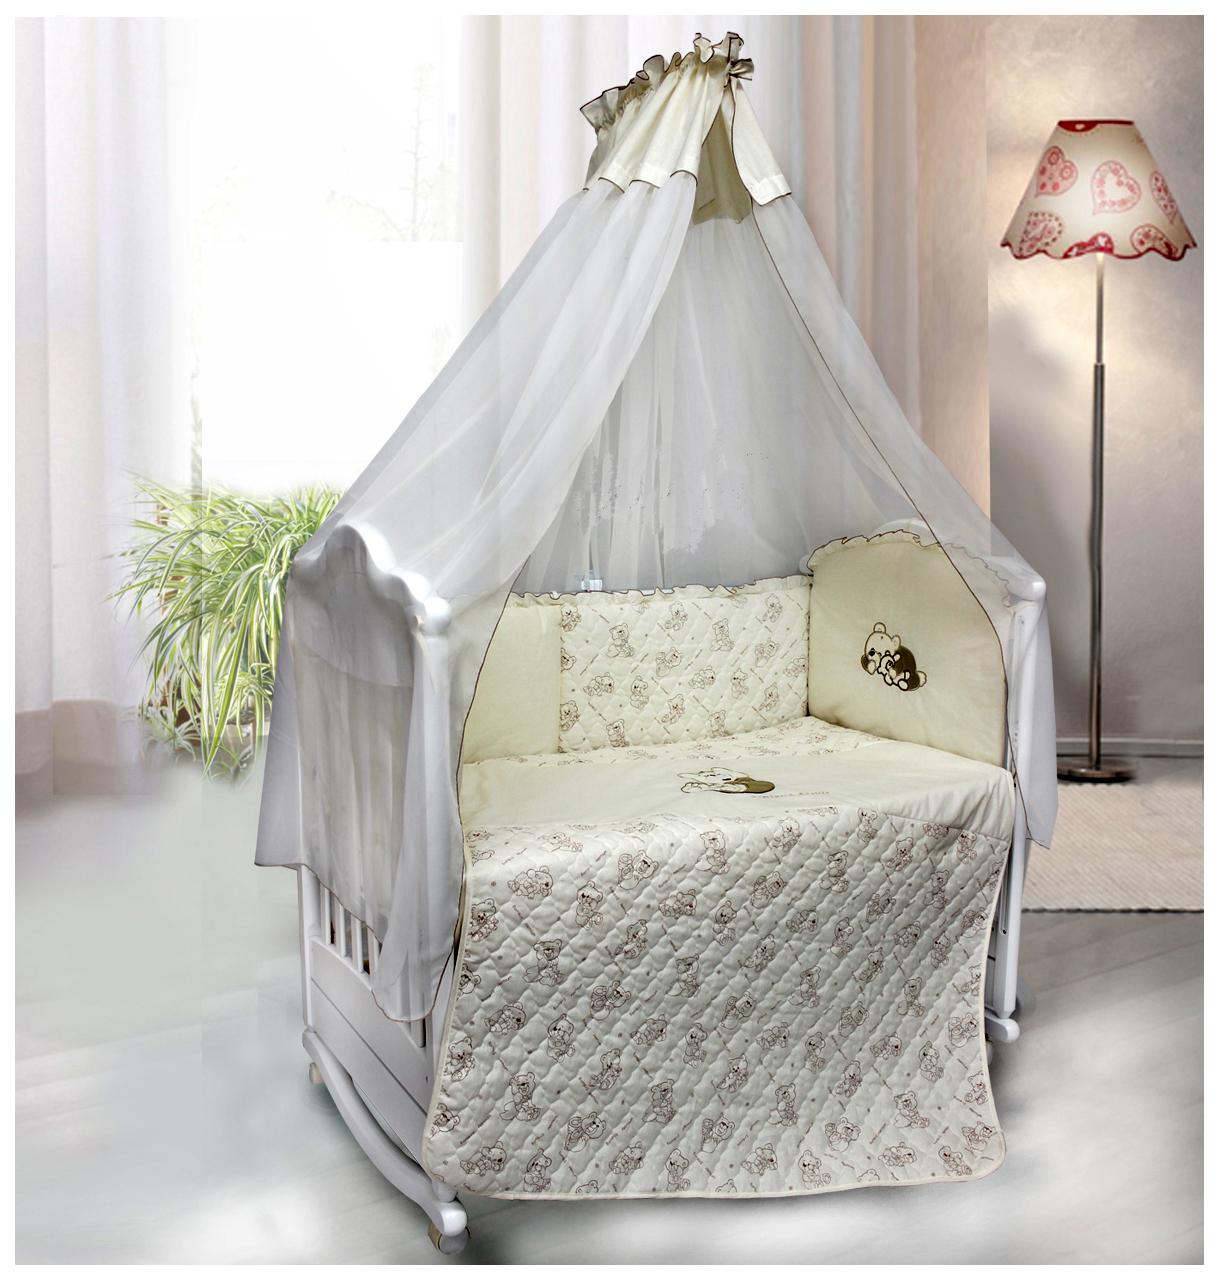 Купить Bombus , 6 предметов, Комплект детского постельного белья Bombus BOMBUS 5973, Комплекты детского постельного белья